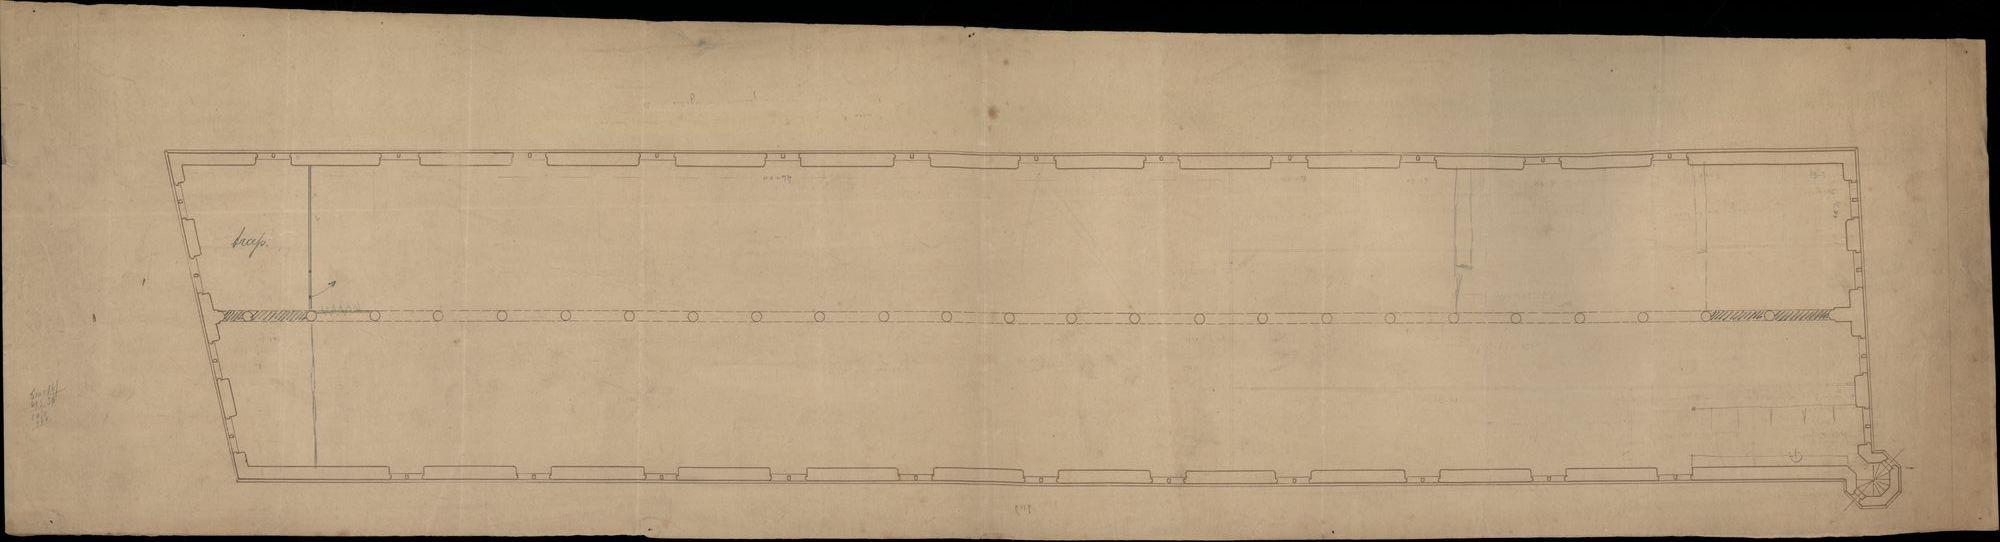 Bouwplannen met plattegronden van de Grote Hallen te Kortrijk, 1906